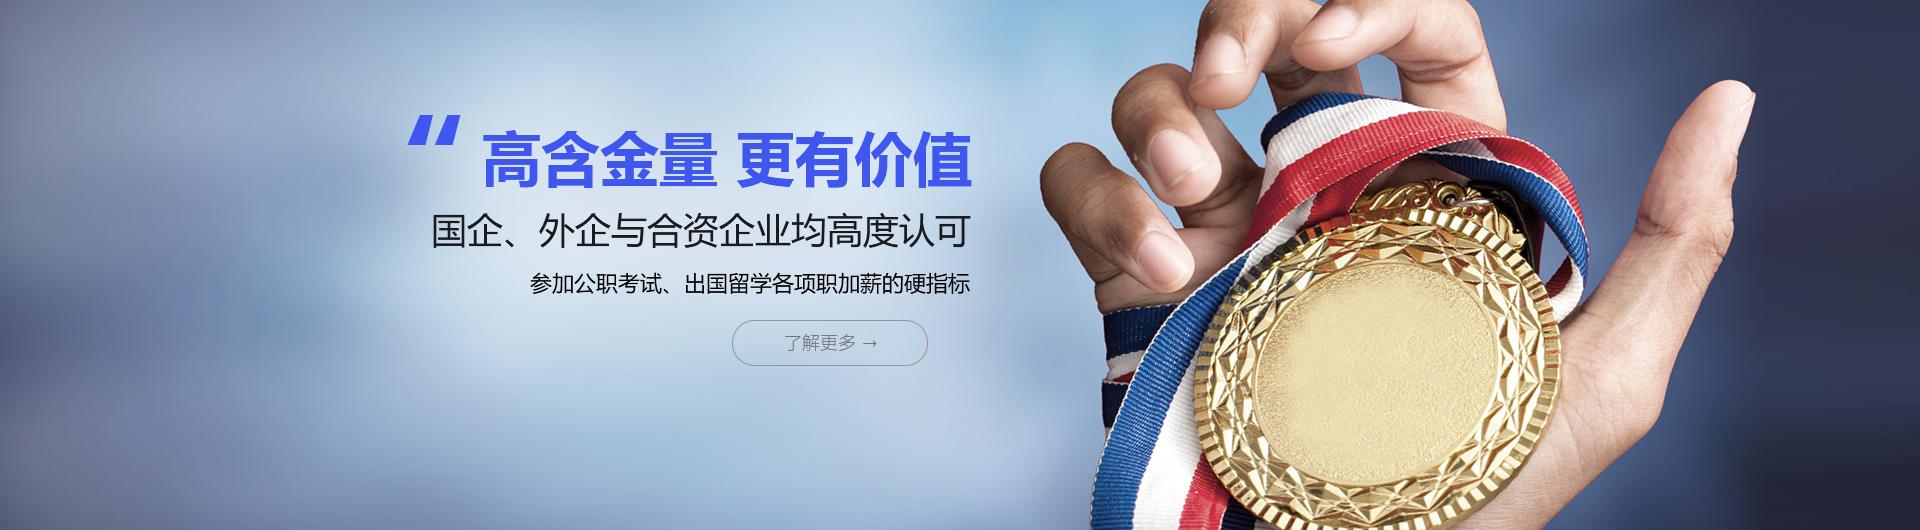 12博官网手机版下载12博网址开户协会